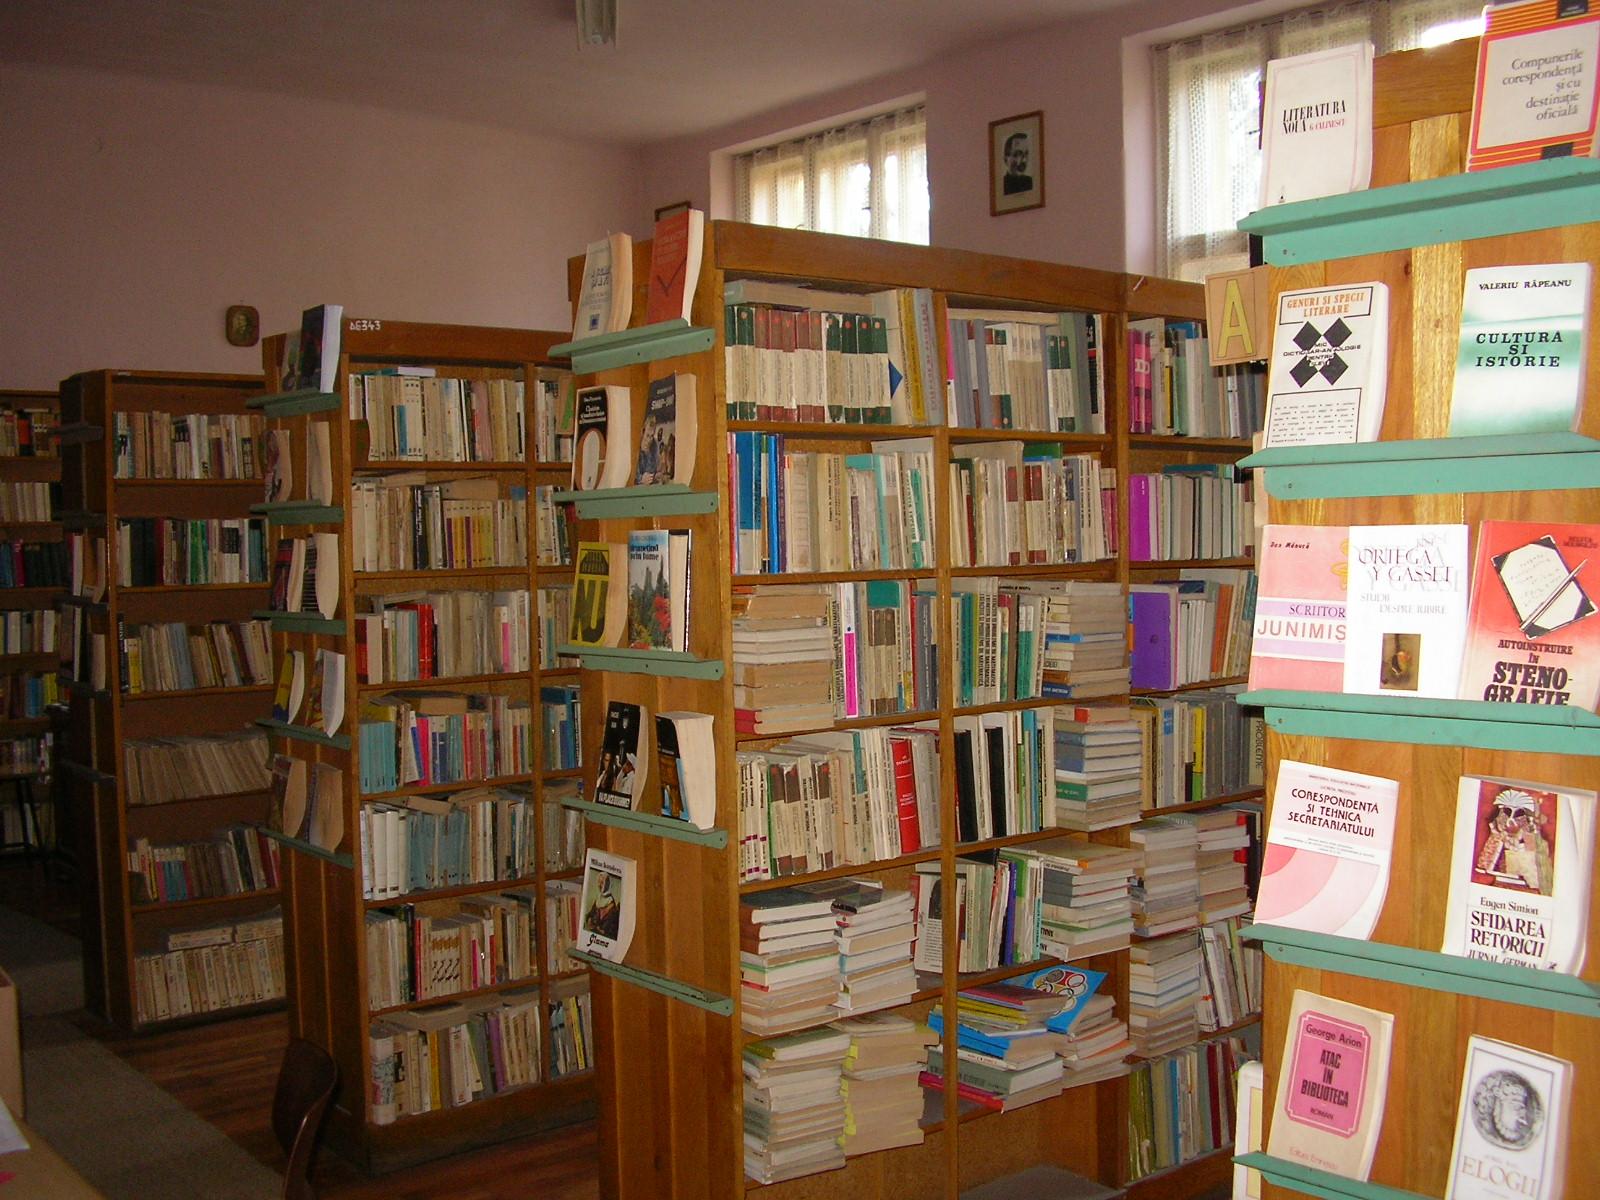 Alte 19 biblioteci clujene se conectează la internet